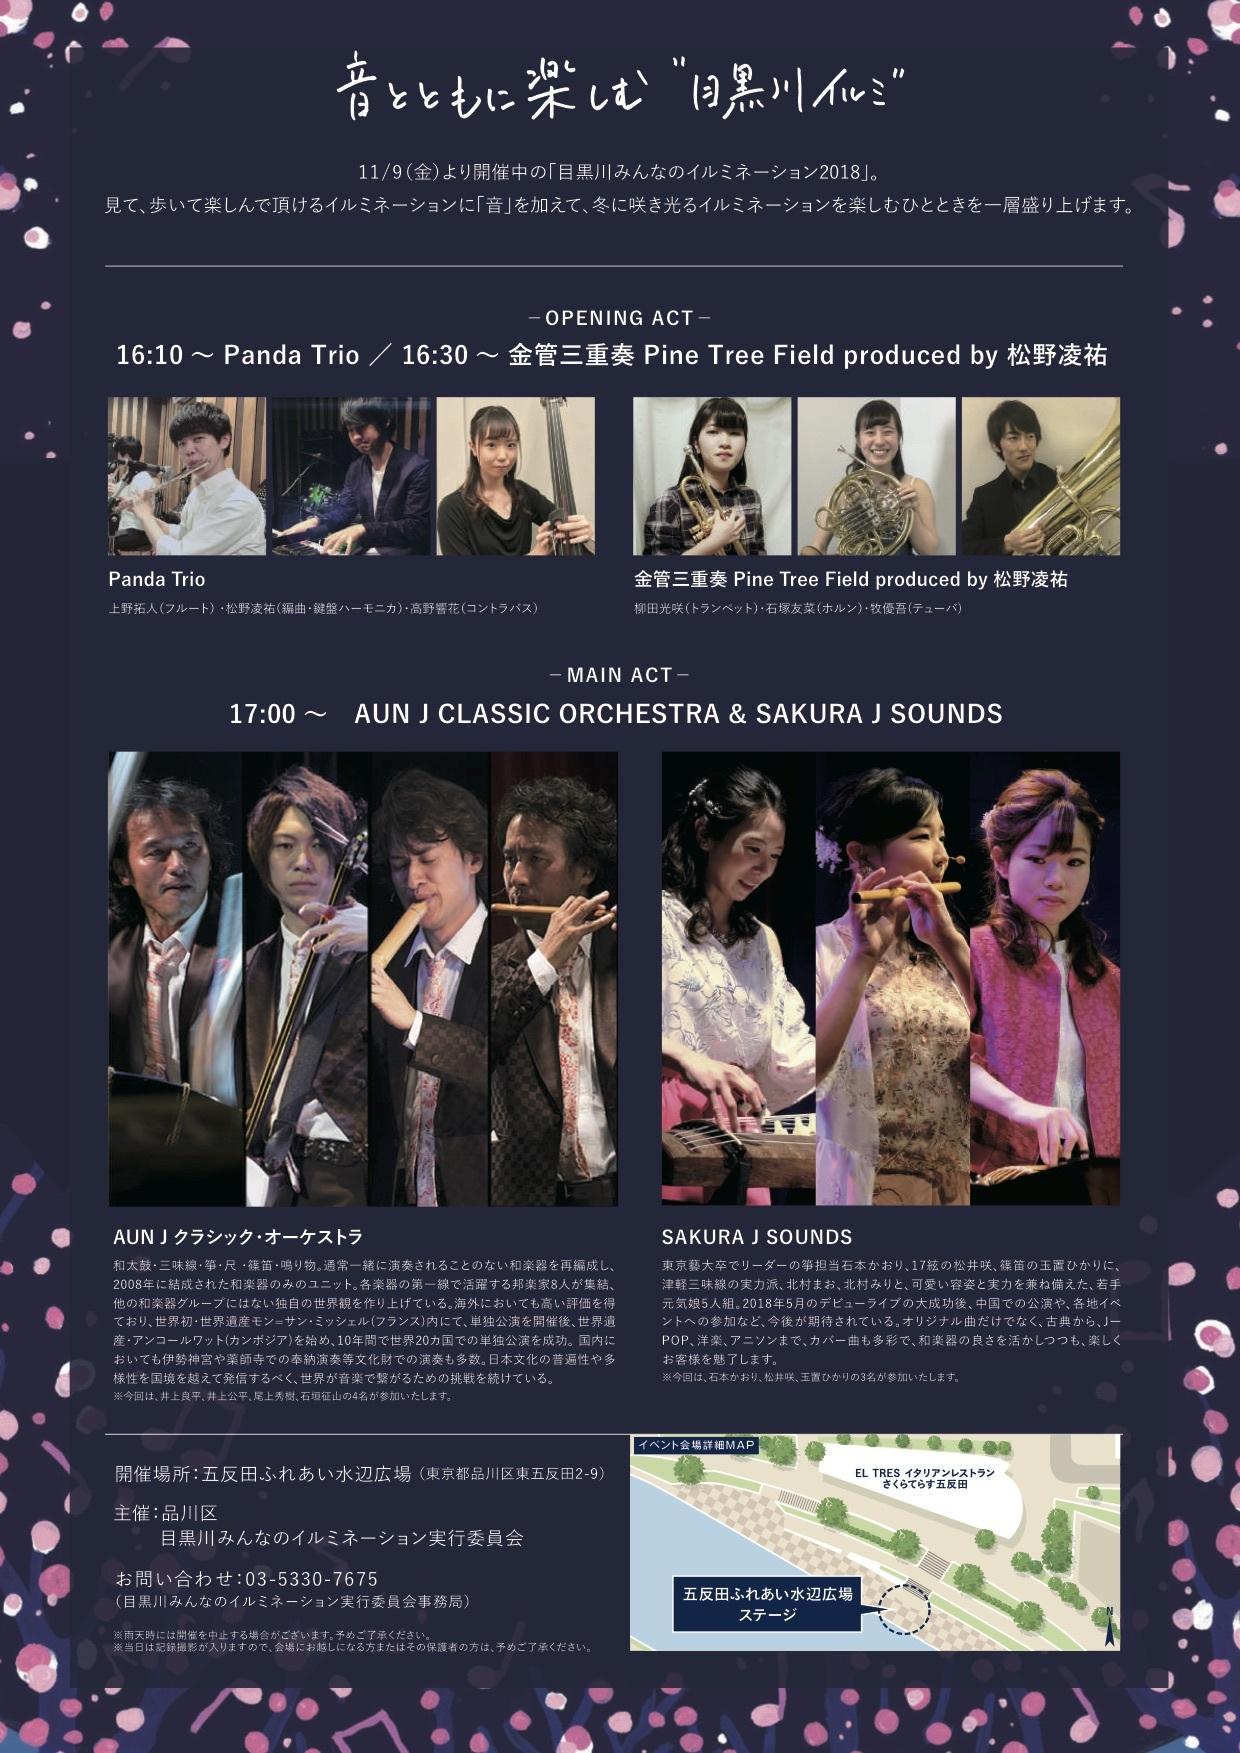 冬の桜 ウィンターコンサート(AUN J、SAKURA J出演)